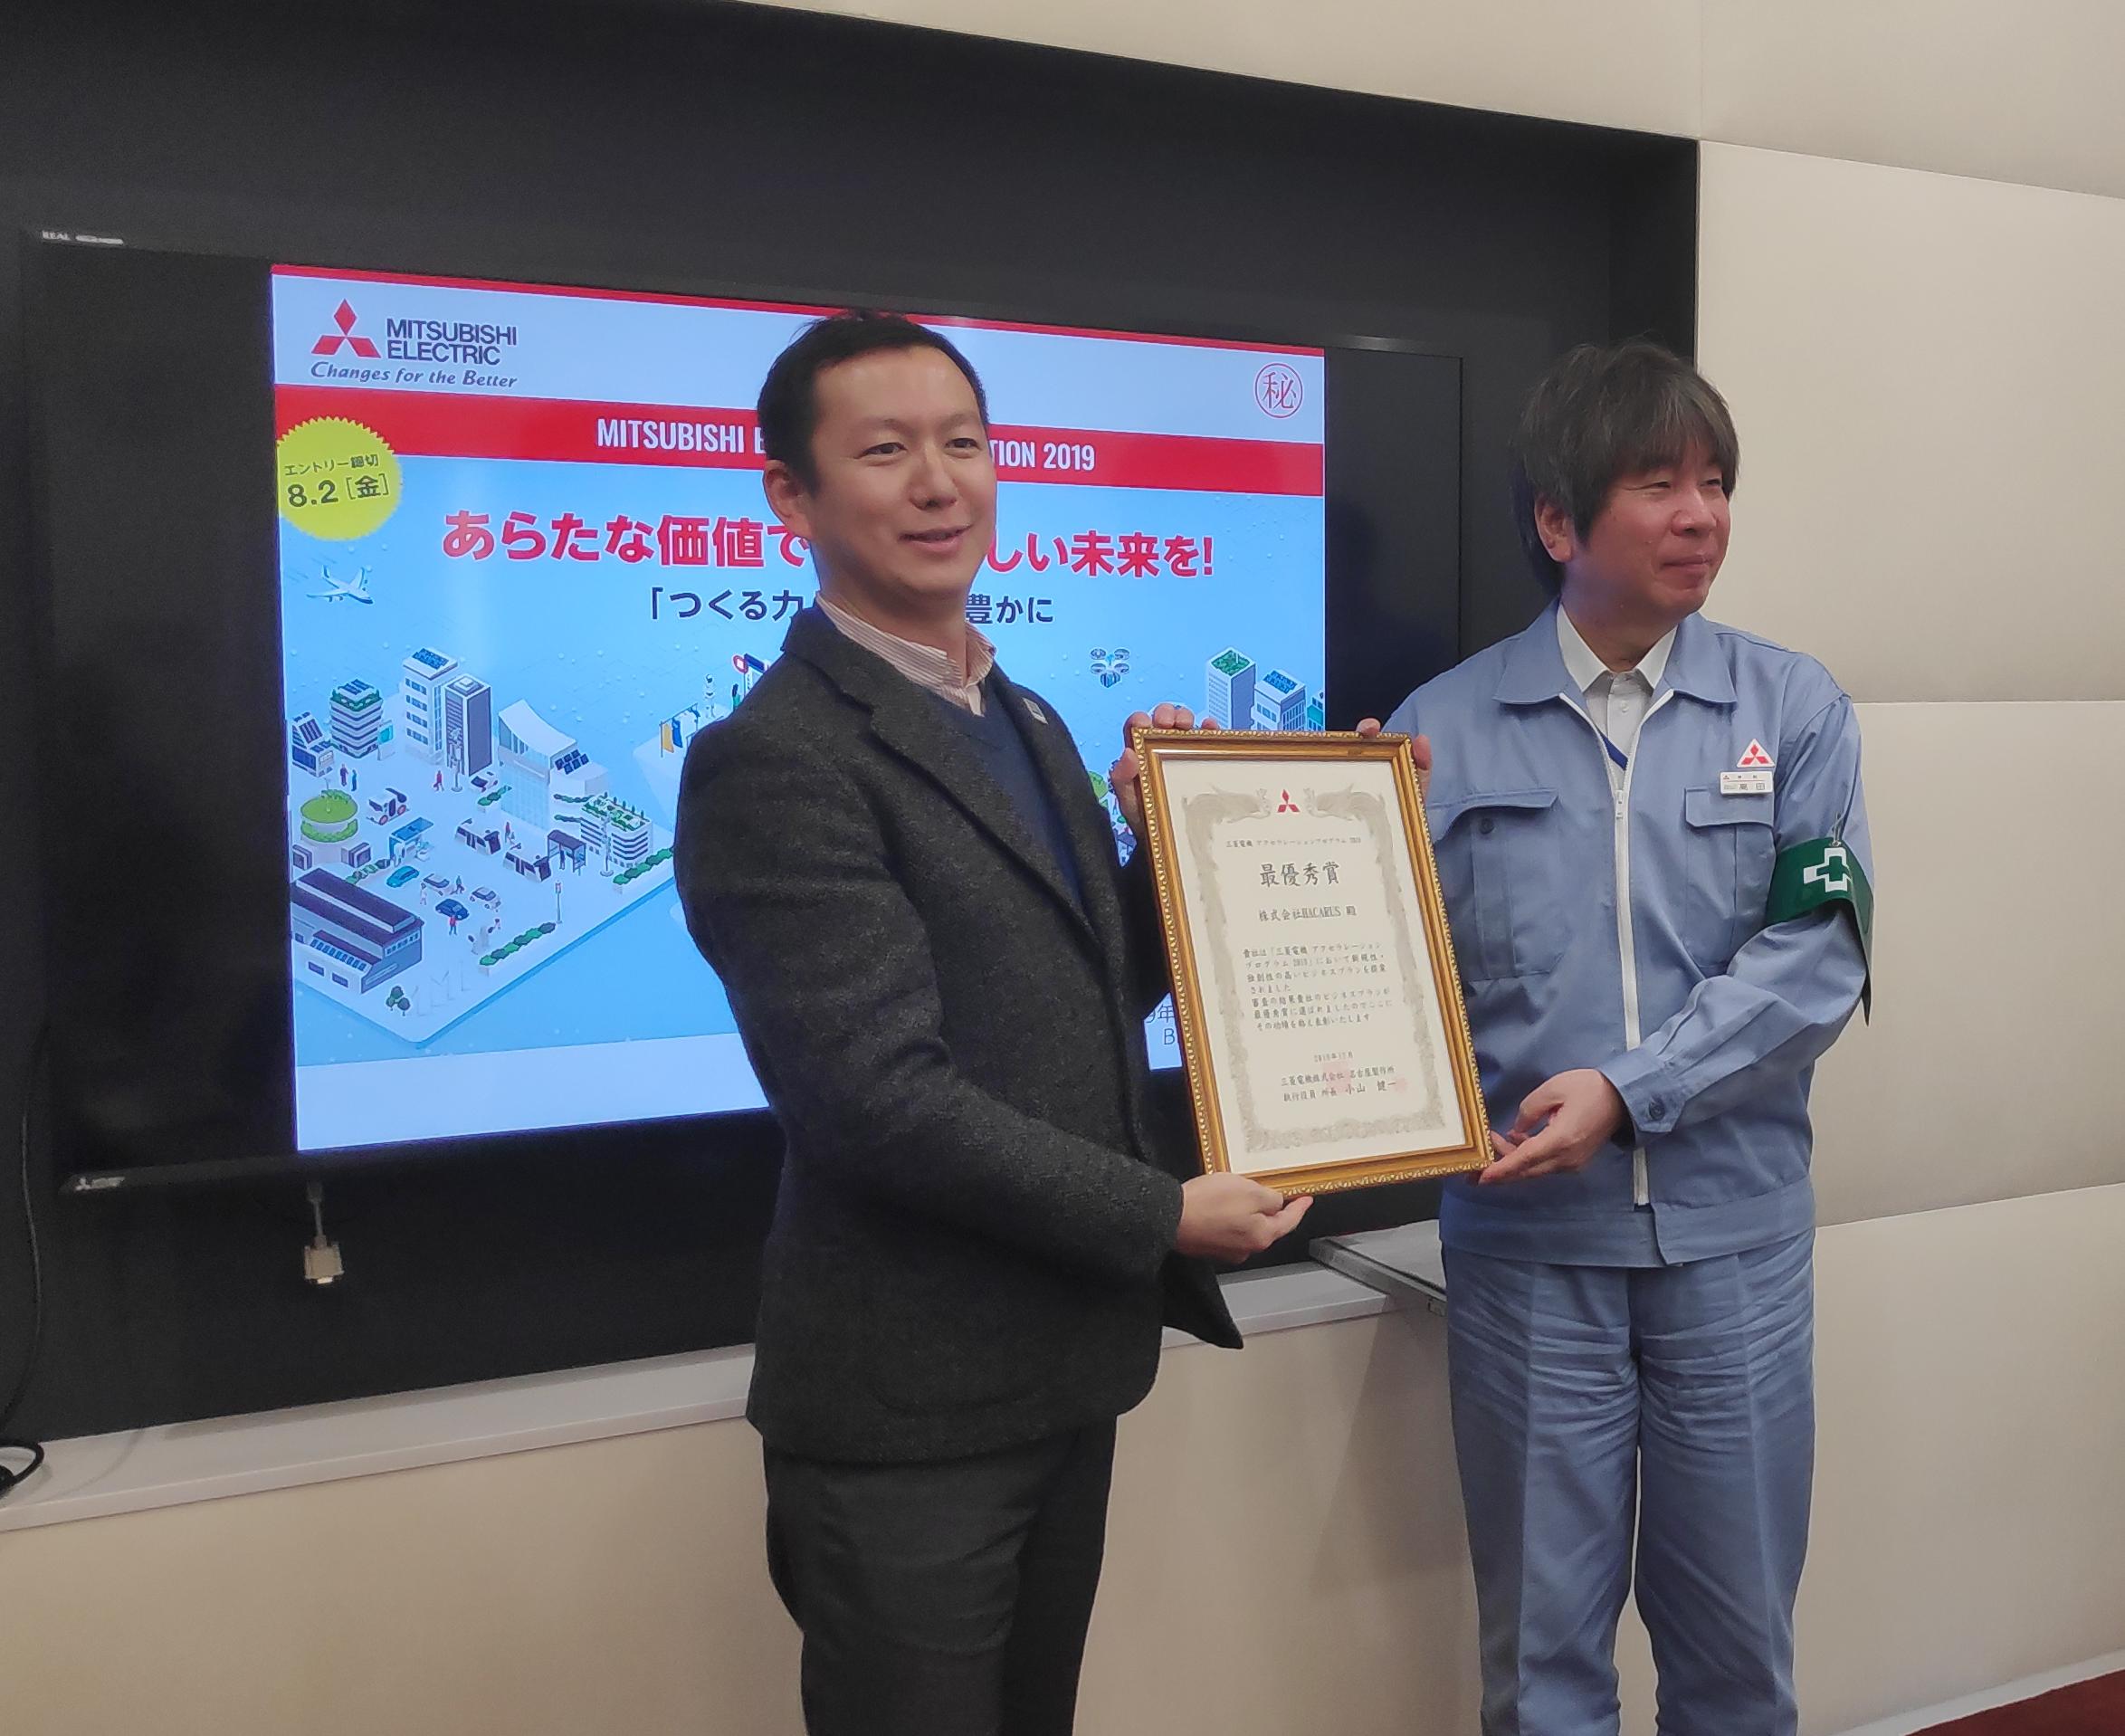 HACARUSが「三菱電機アクセラレーションプログラム 2019」最優秀スタートアップに採択